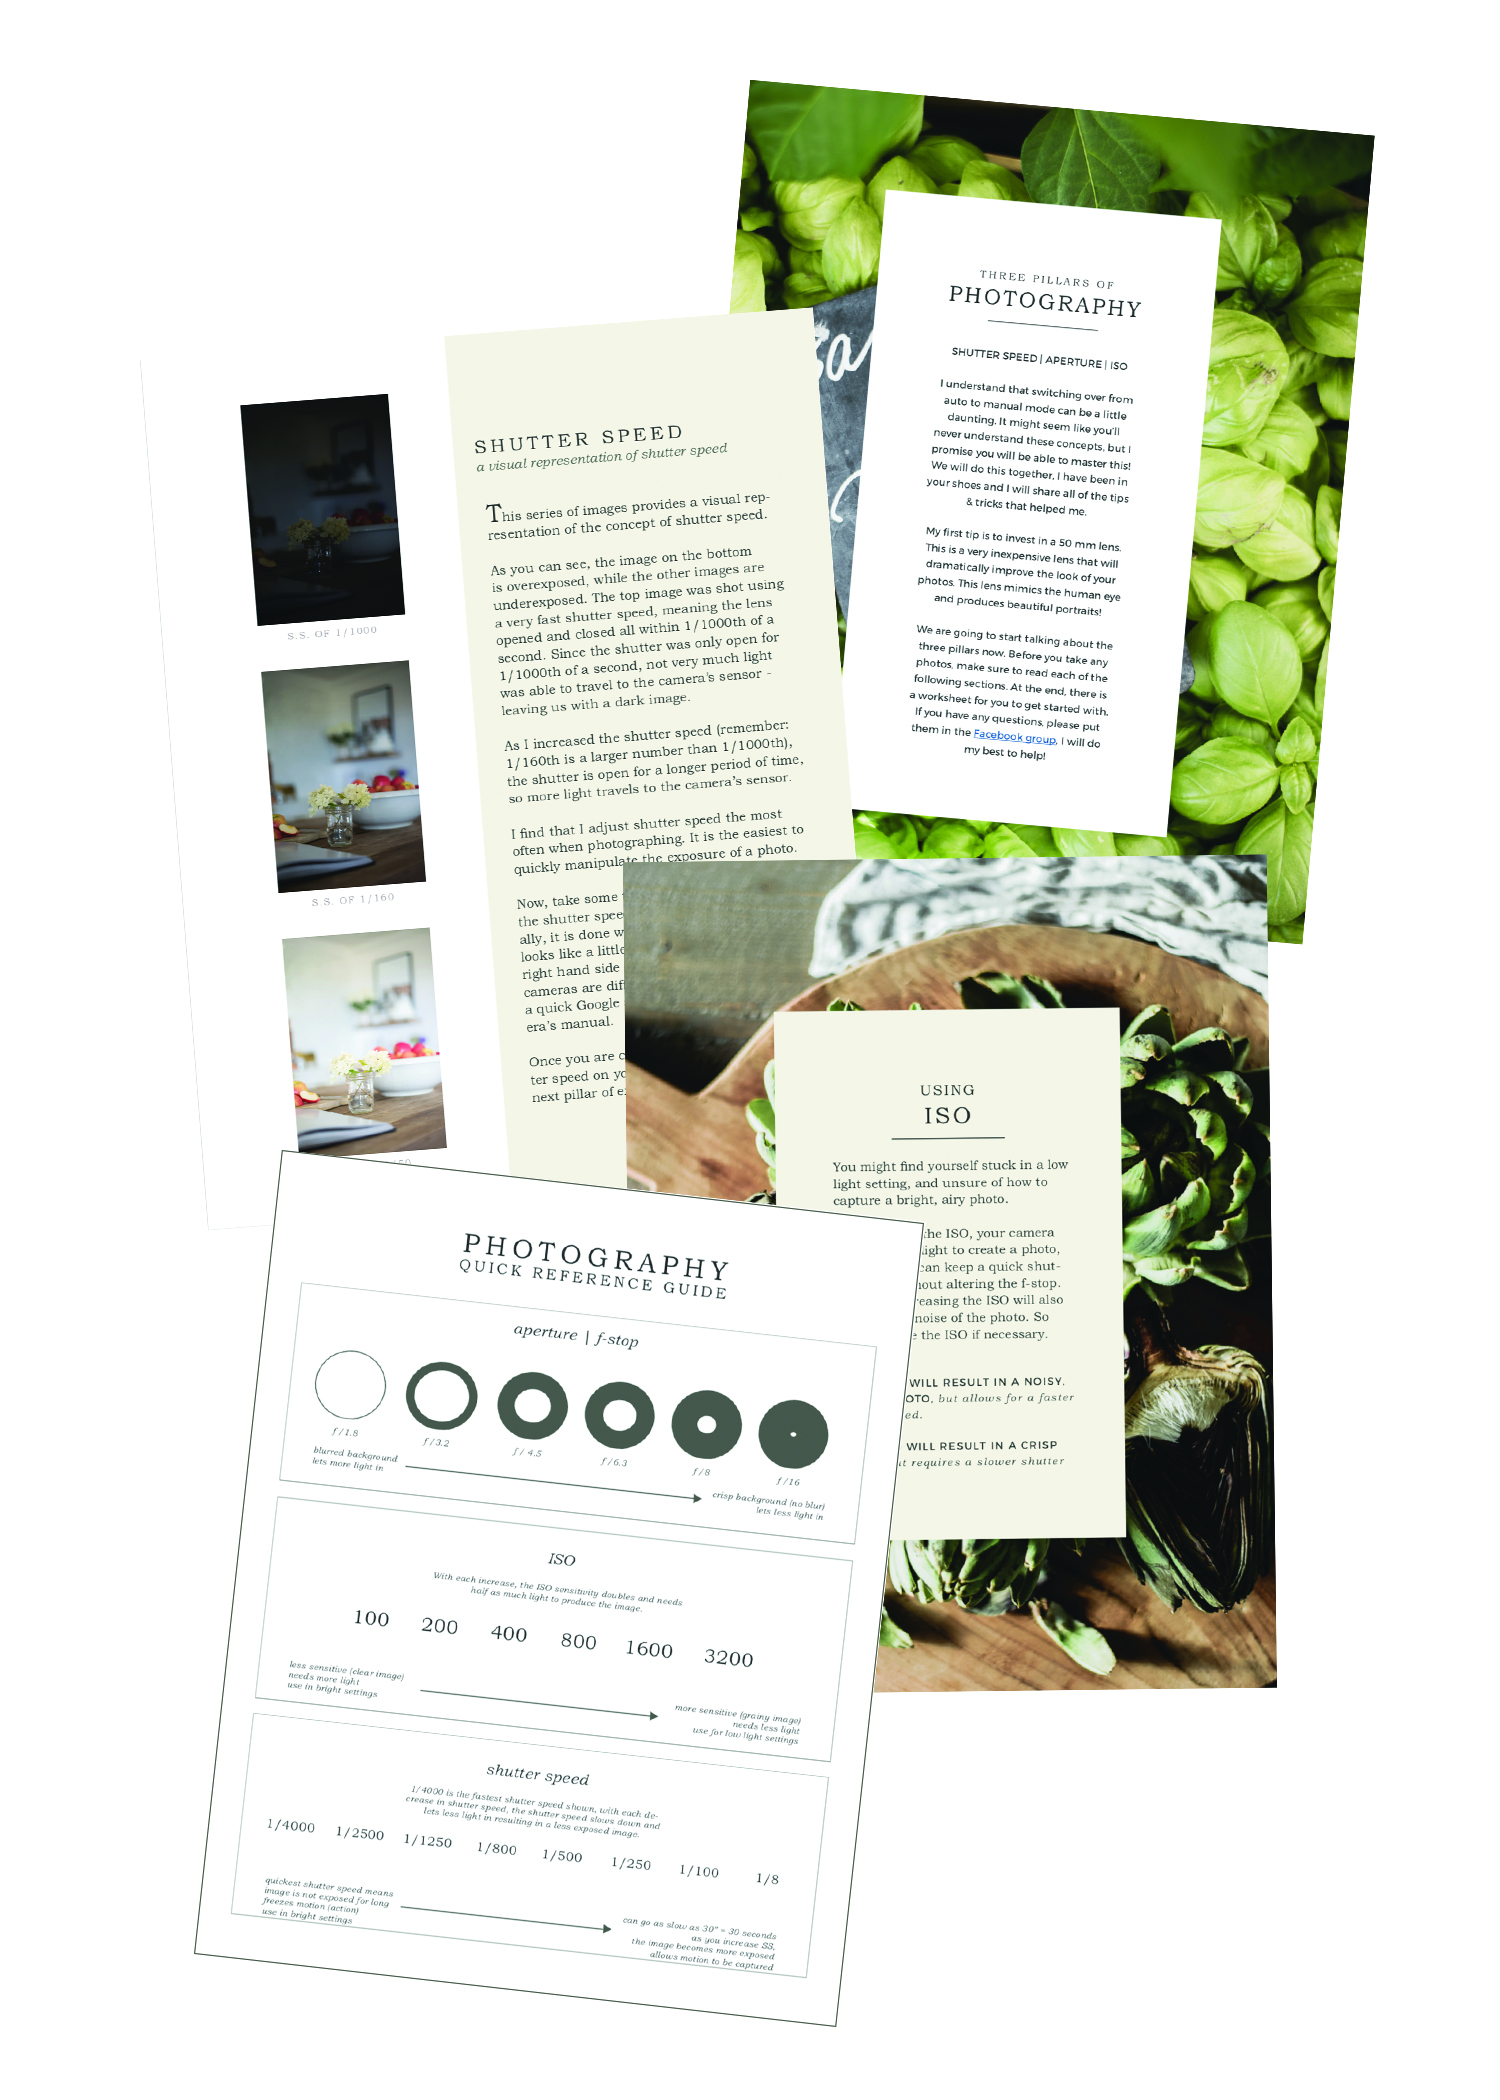 Photography basics e-book outline | boxwoodavenue.com